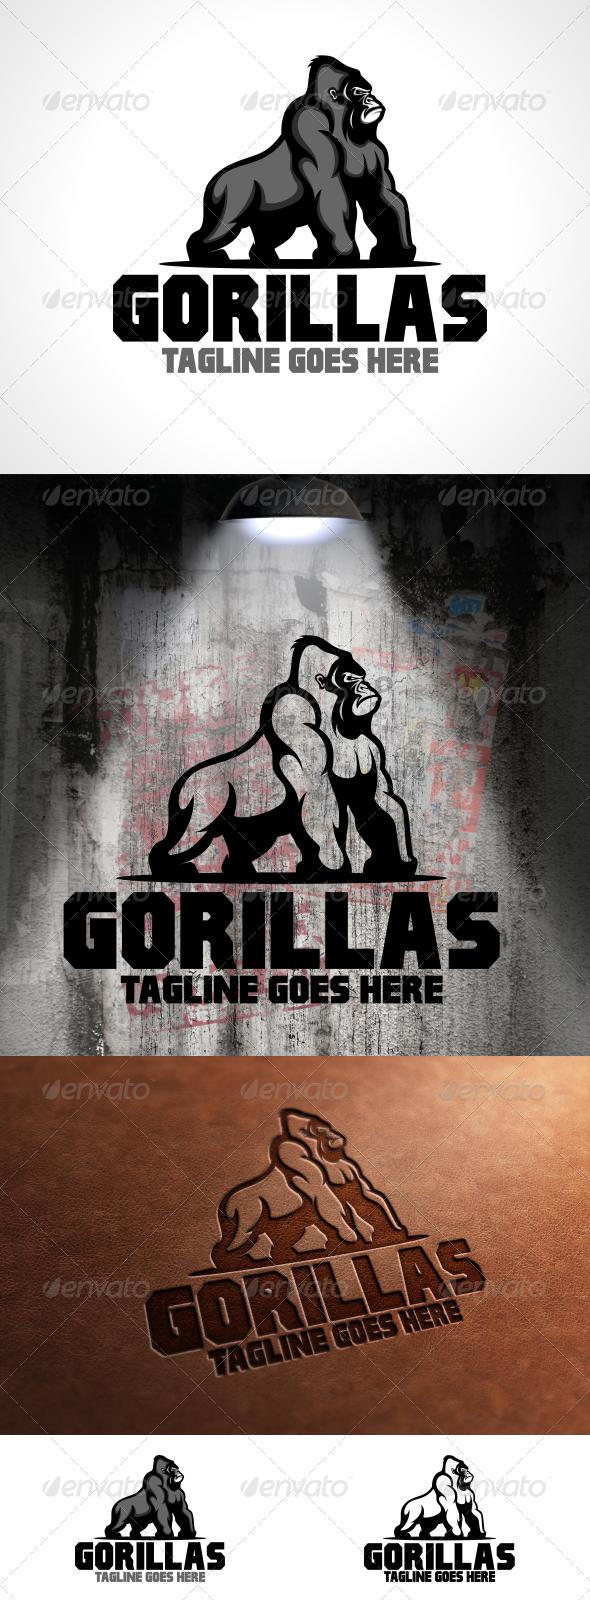 GraphicRiver Gorillas Logo Template 6232006